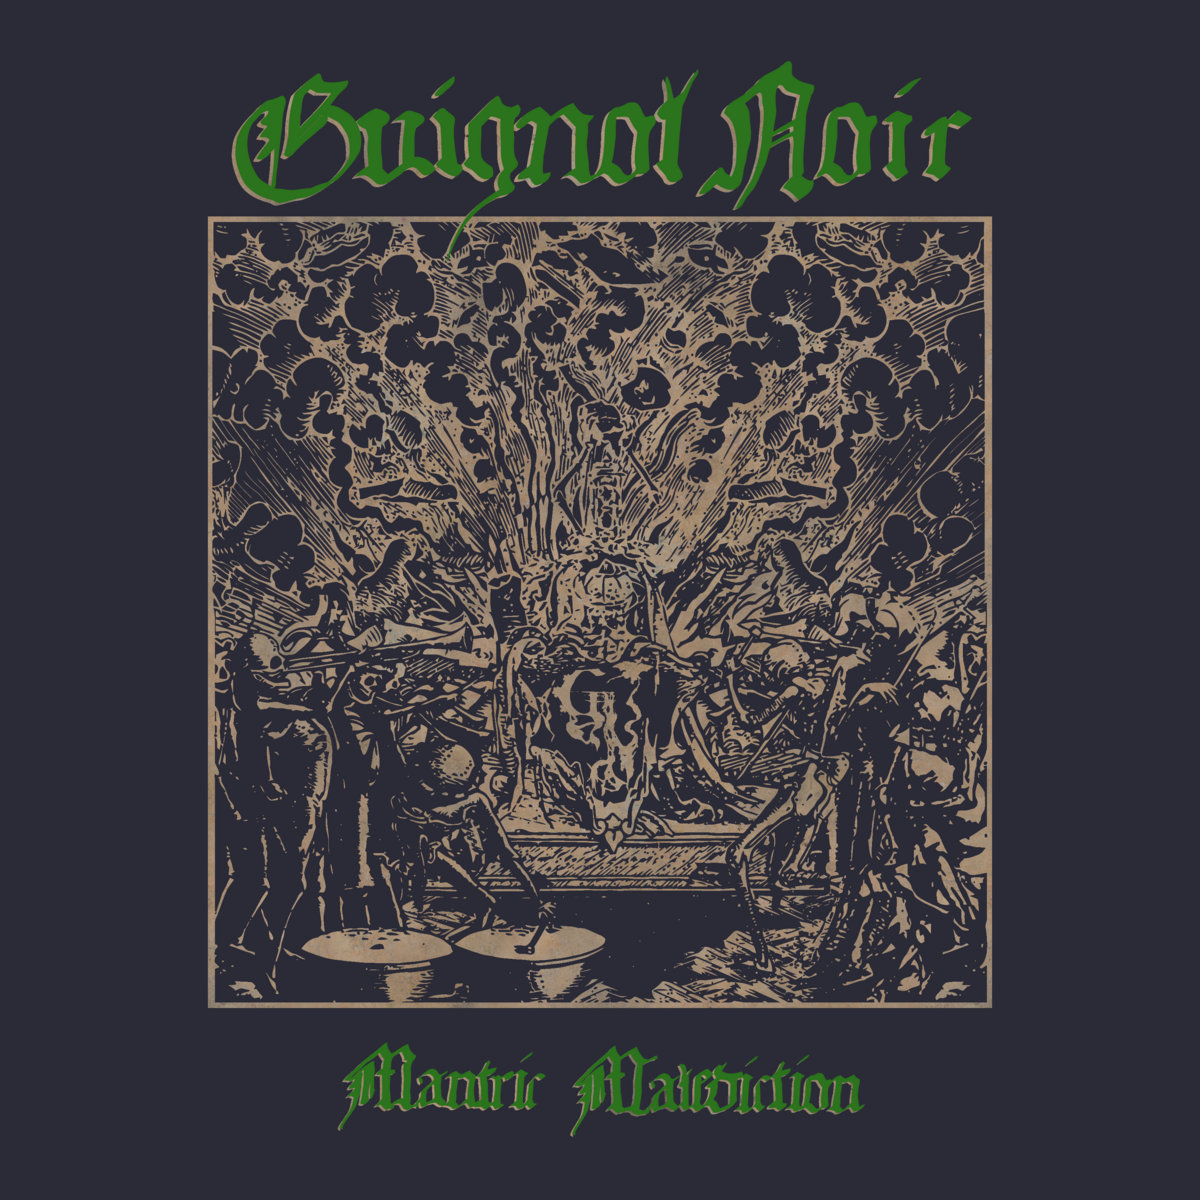 album-premiere:-guignol-noir-–-mantric-malediction